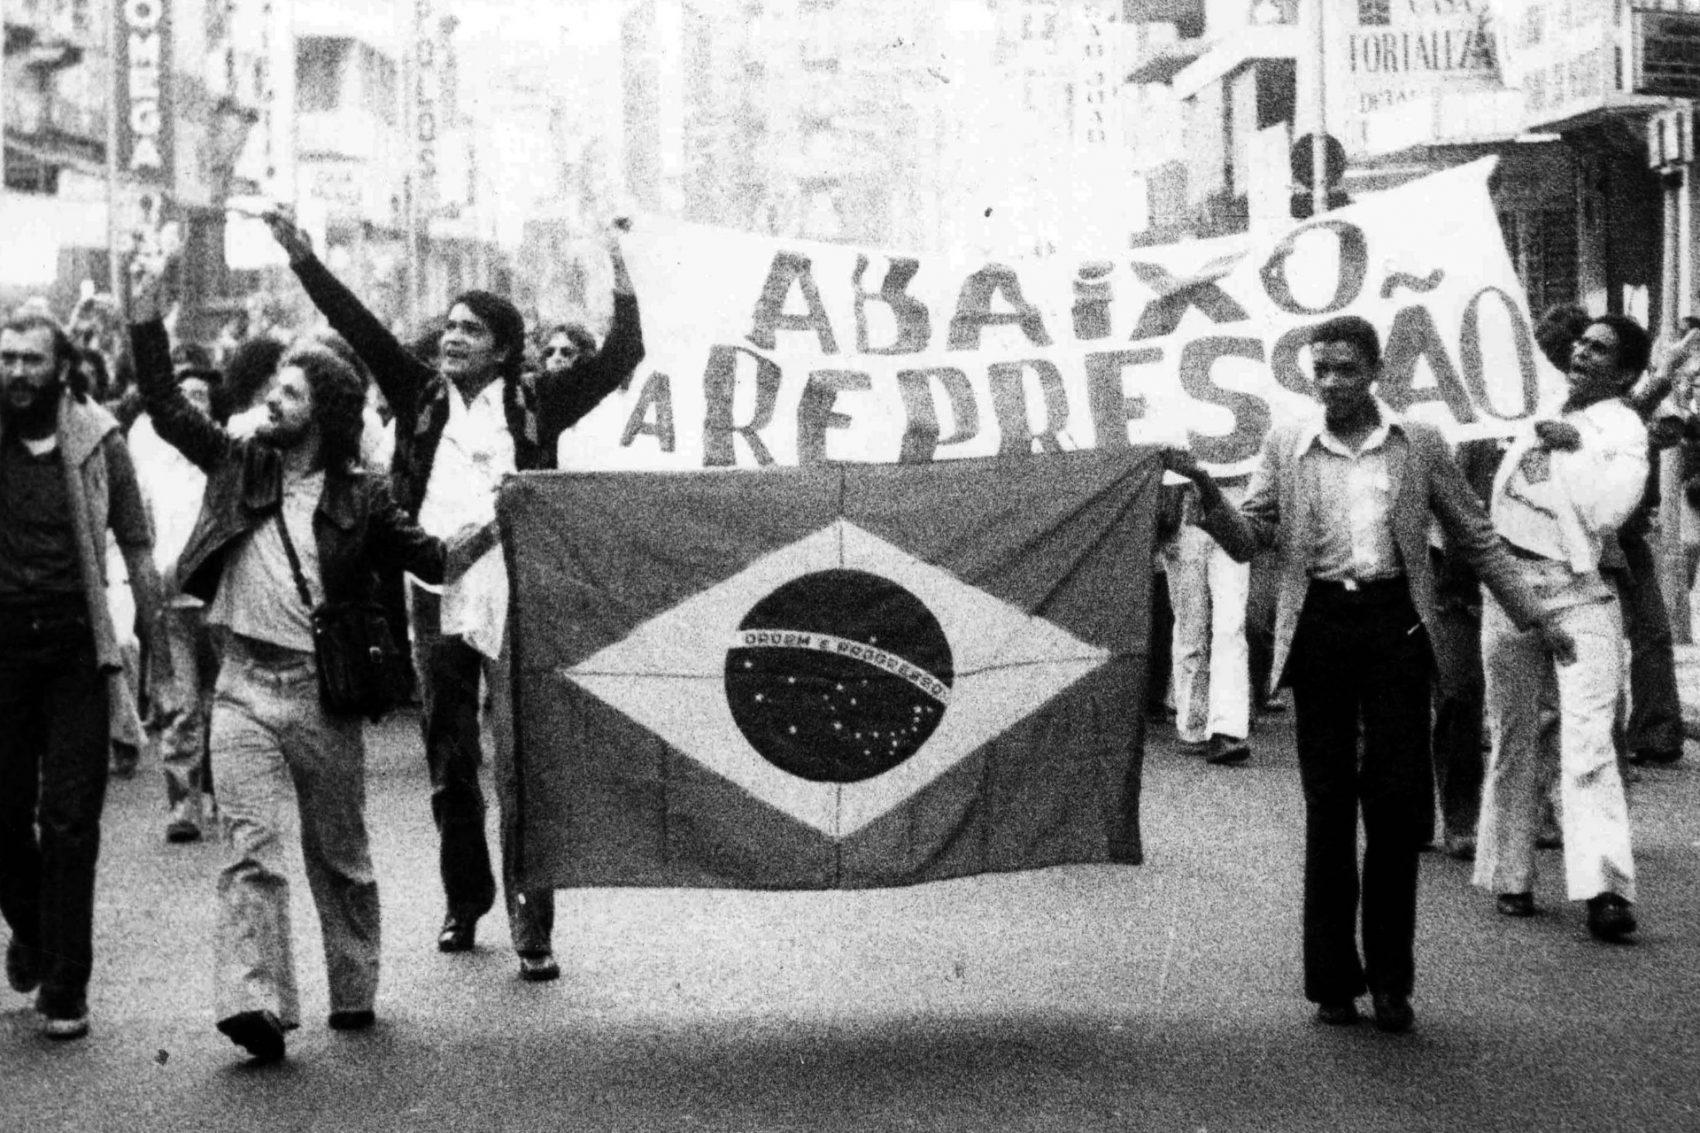 Atualmente, cerca de 40 processos criminais tentam responsabilizar agentes públicos por esses crimes, movidos no âmbito do Ministério Público Federal; na foto, manifestação de estudantes em 1977